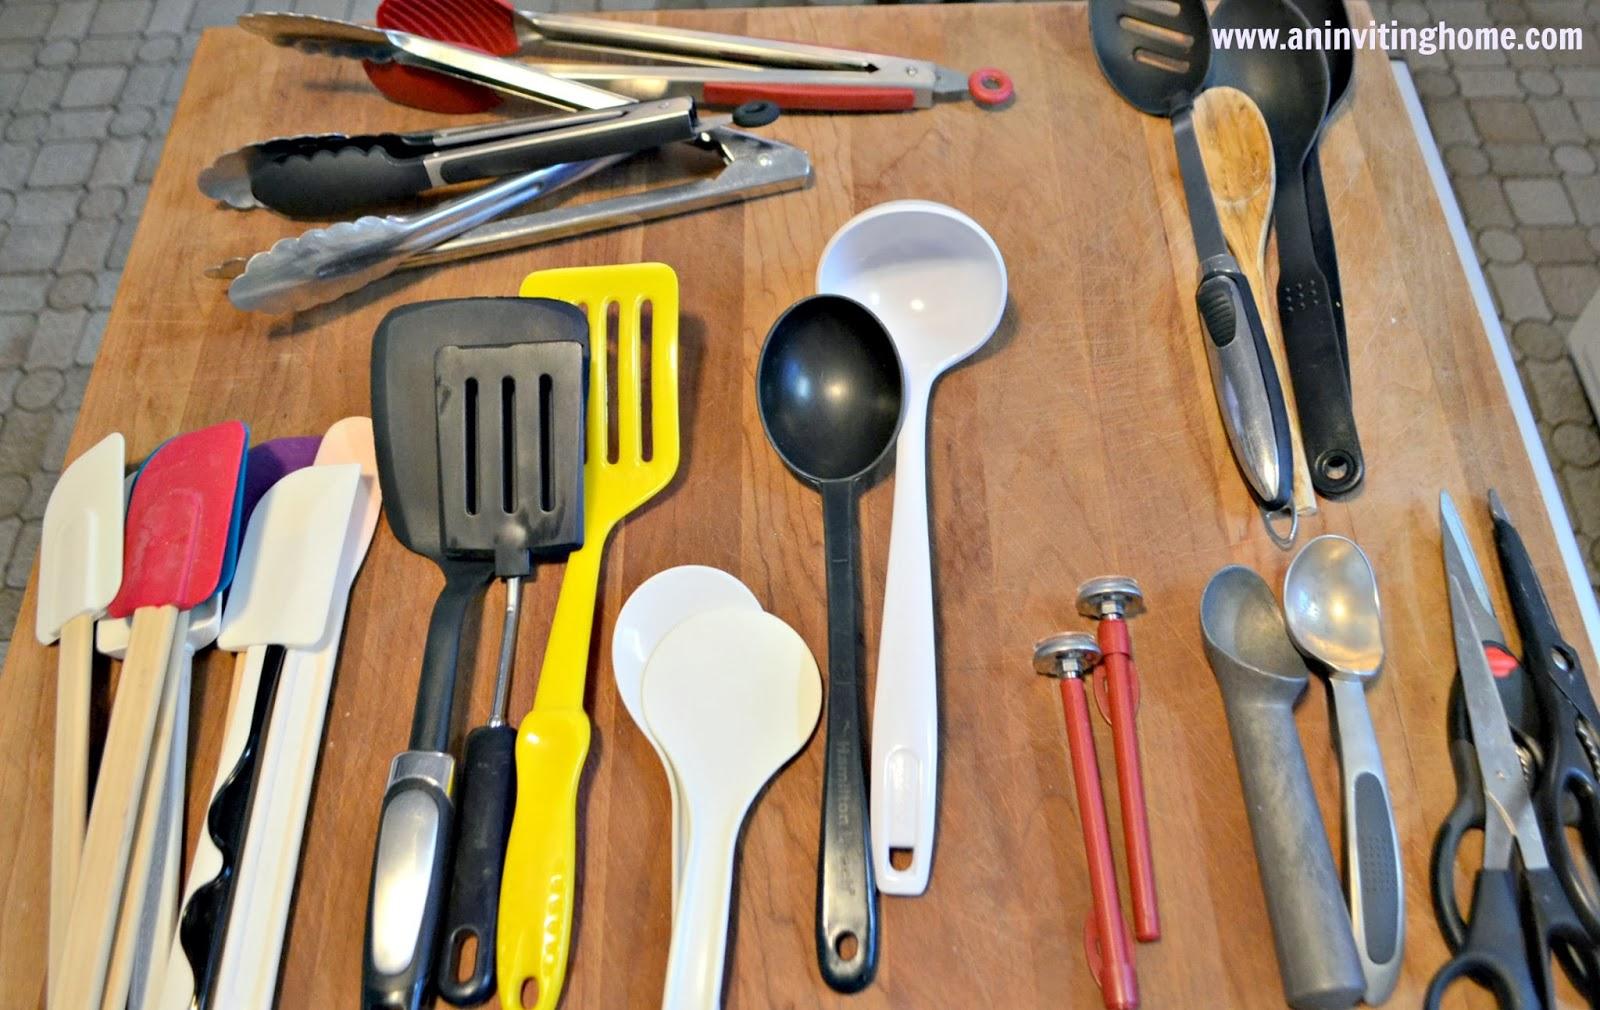 multiple utensils